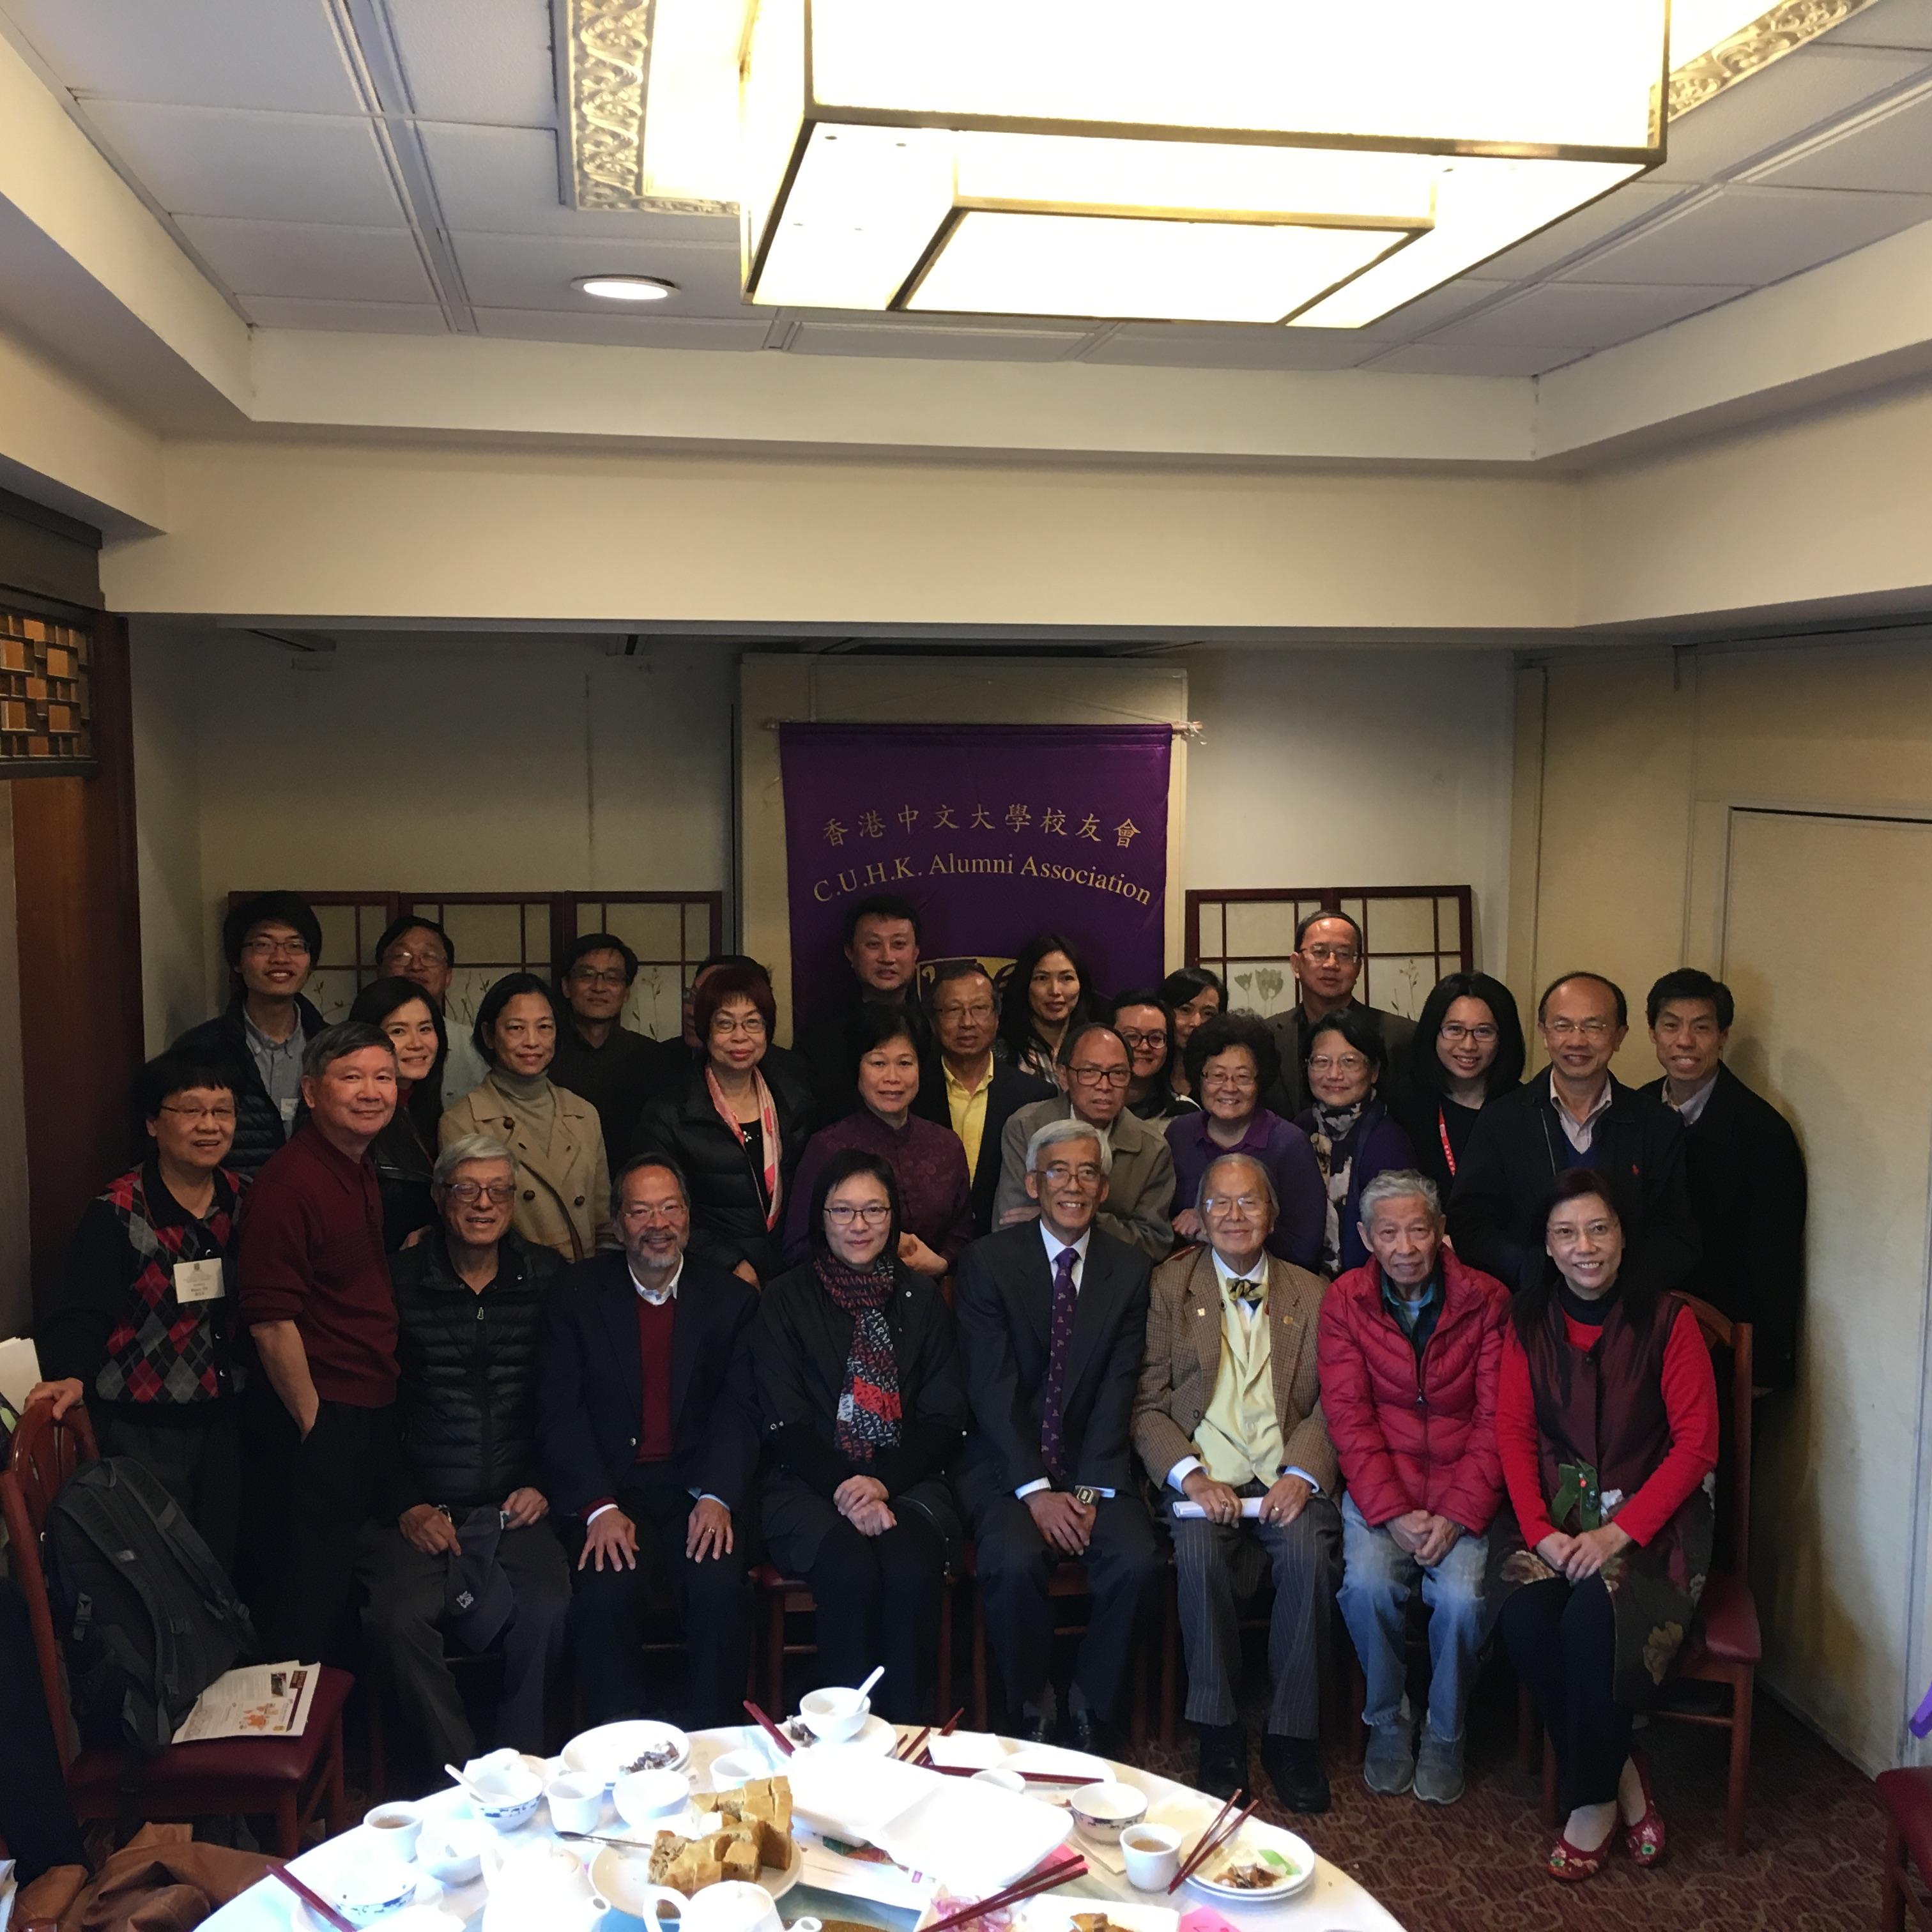 香港中文大學副校長潘偉賢教授(第一排左5)於3日和一眾校友慶新春。 實習記者李青蔚攝